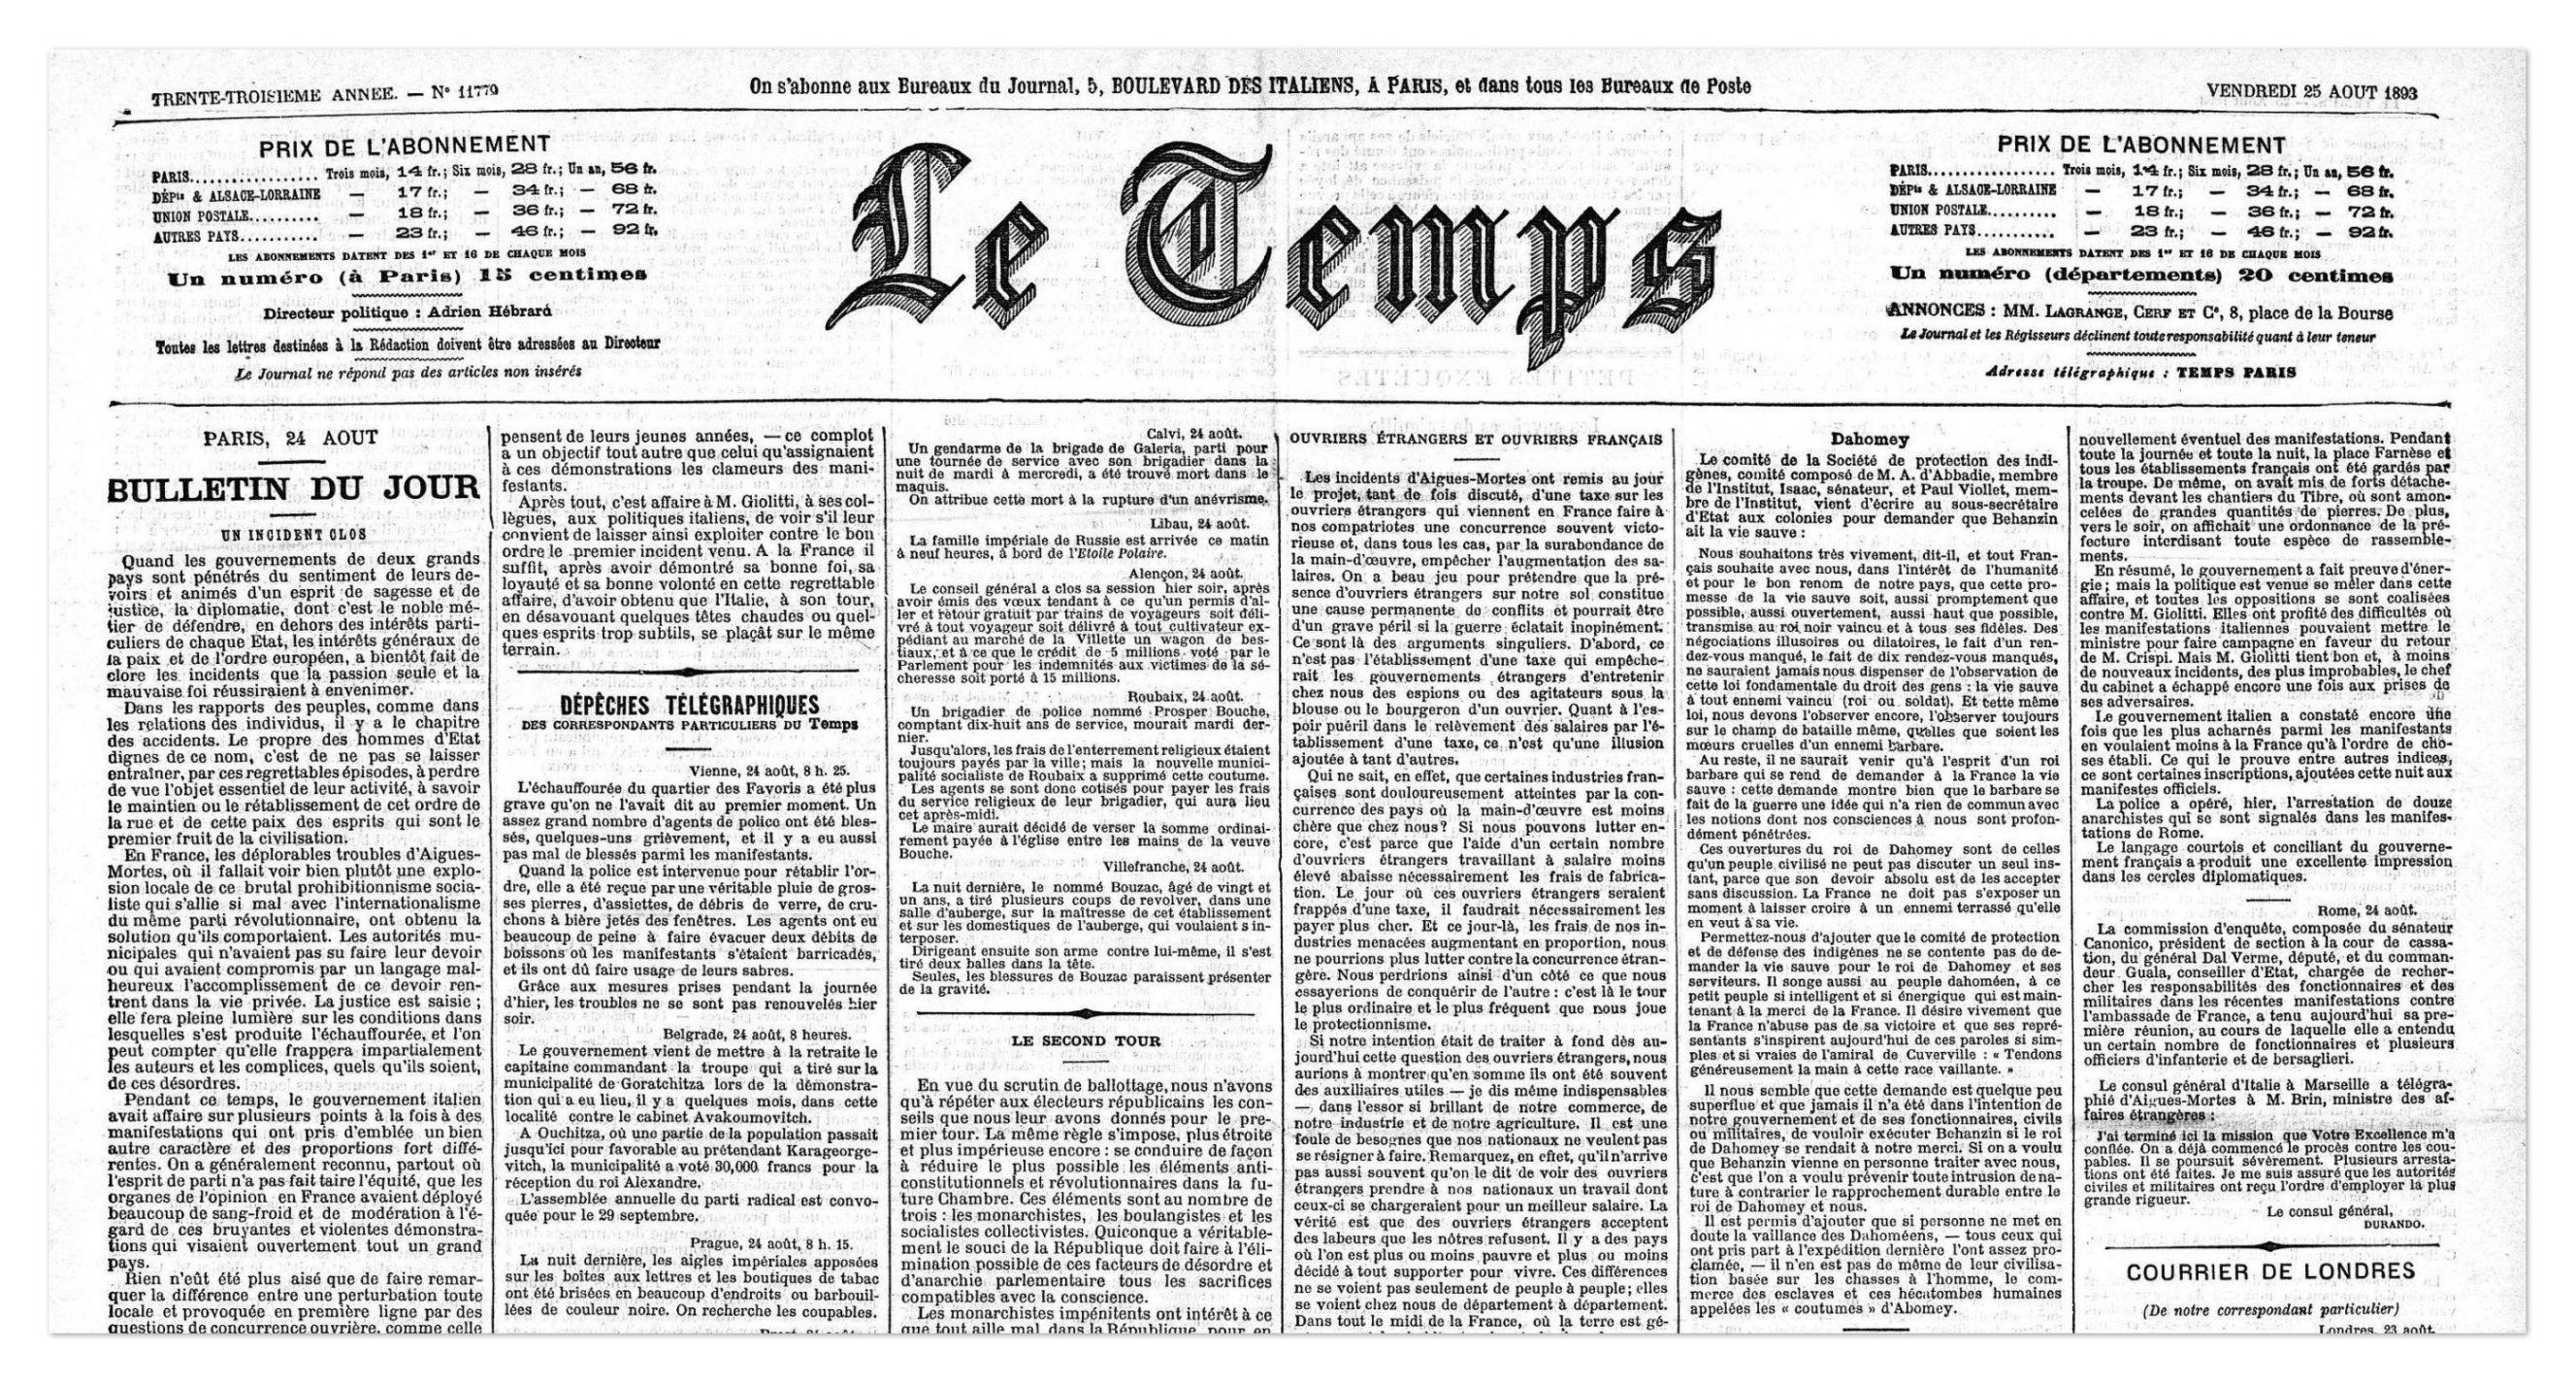 Lettre de la Société de protection des indigènes sur la situation au Dahomey, journal Le Temps du 25 août 1893